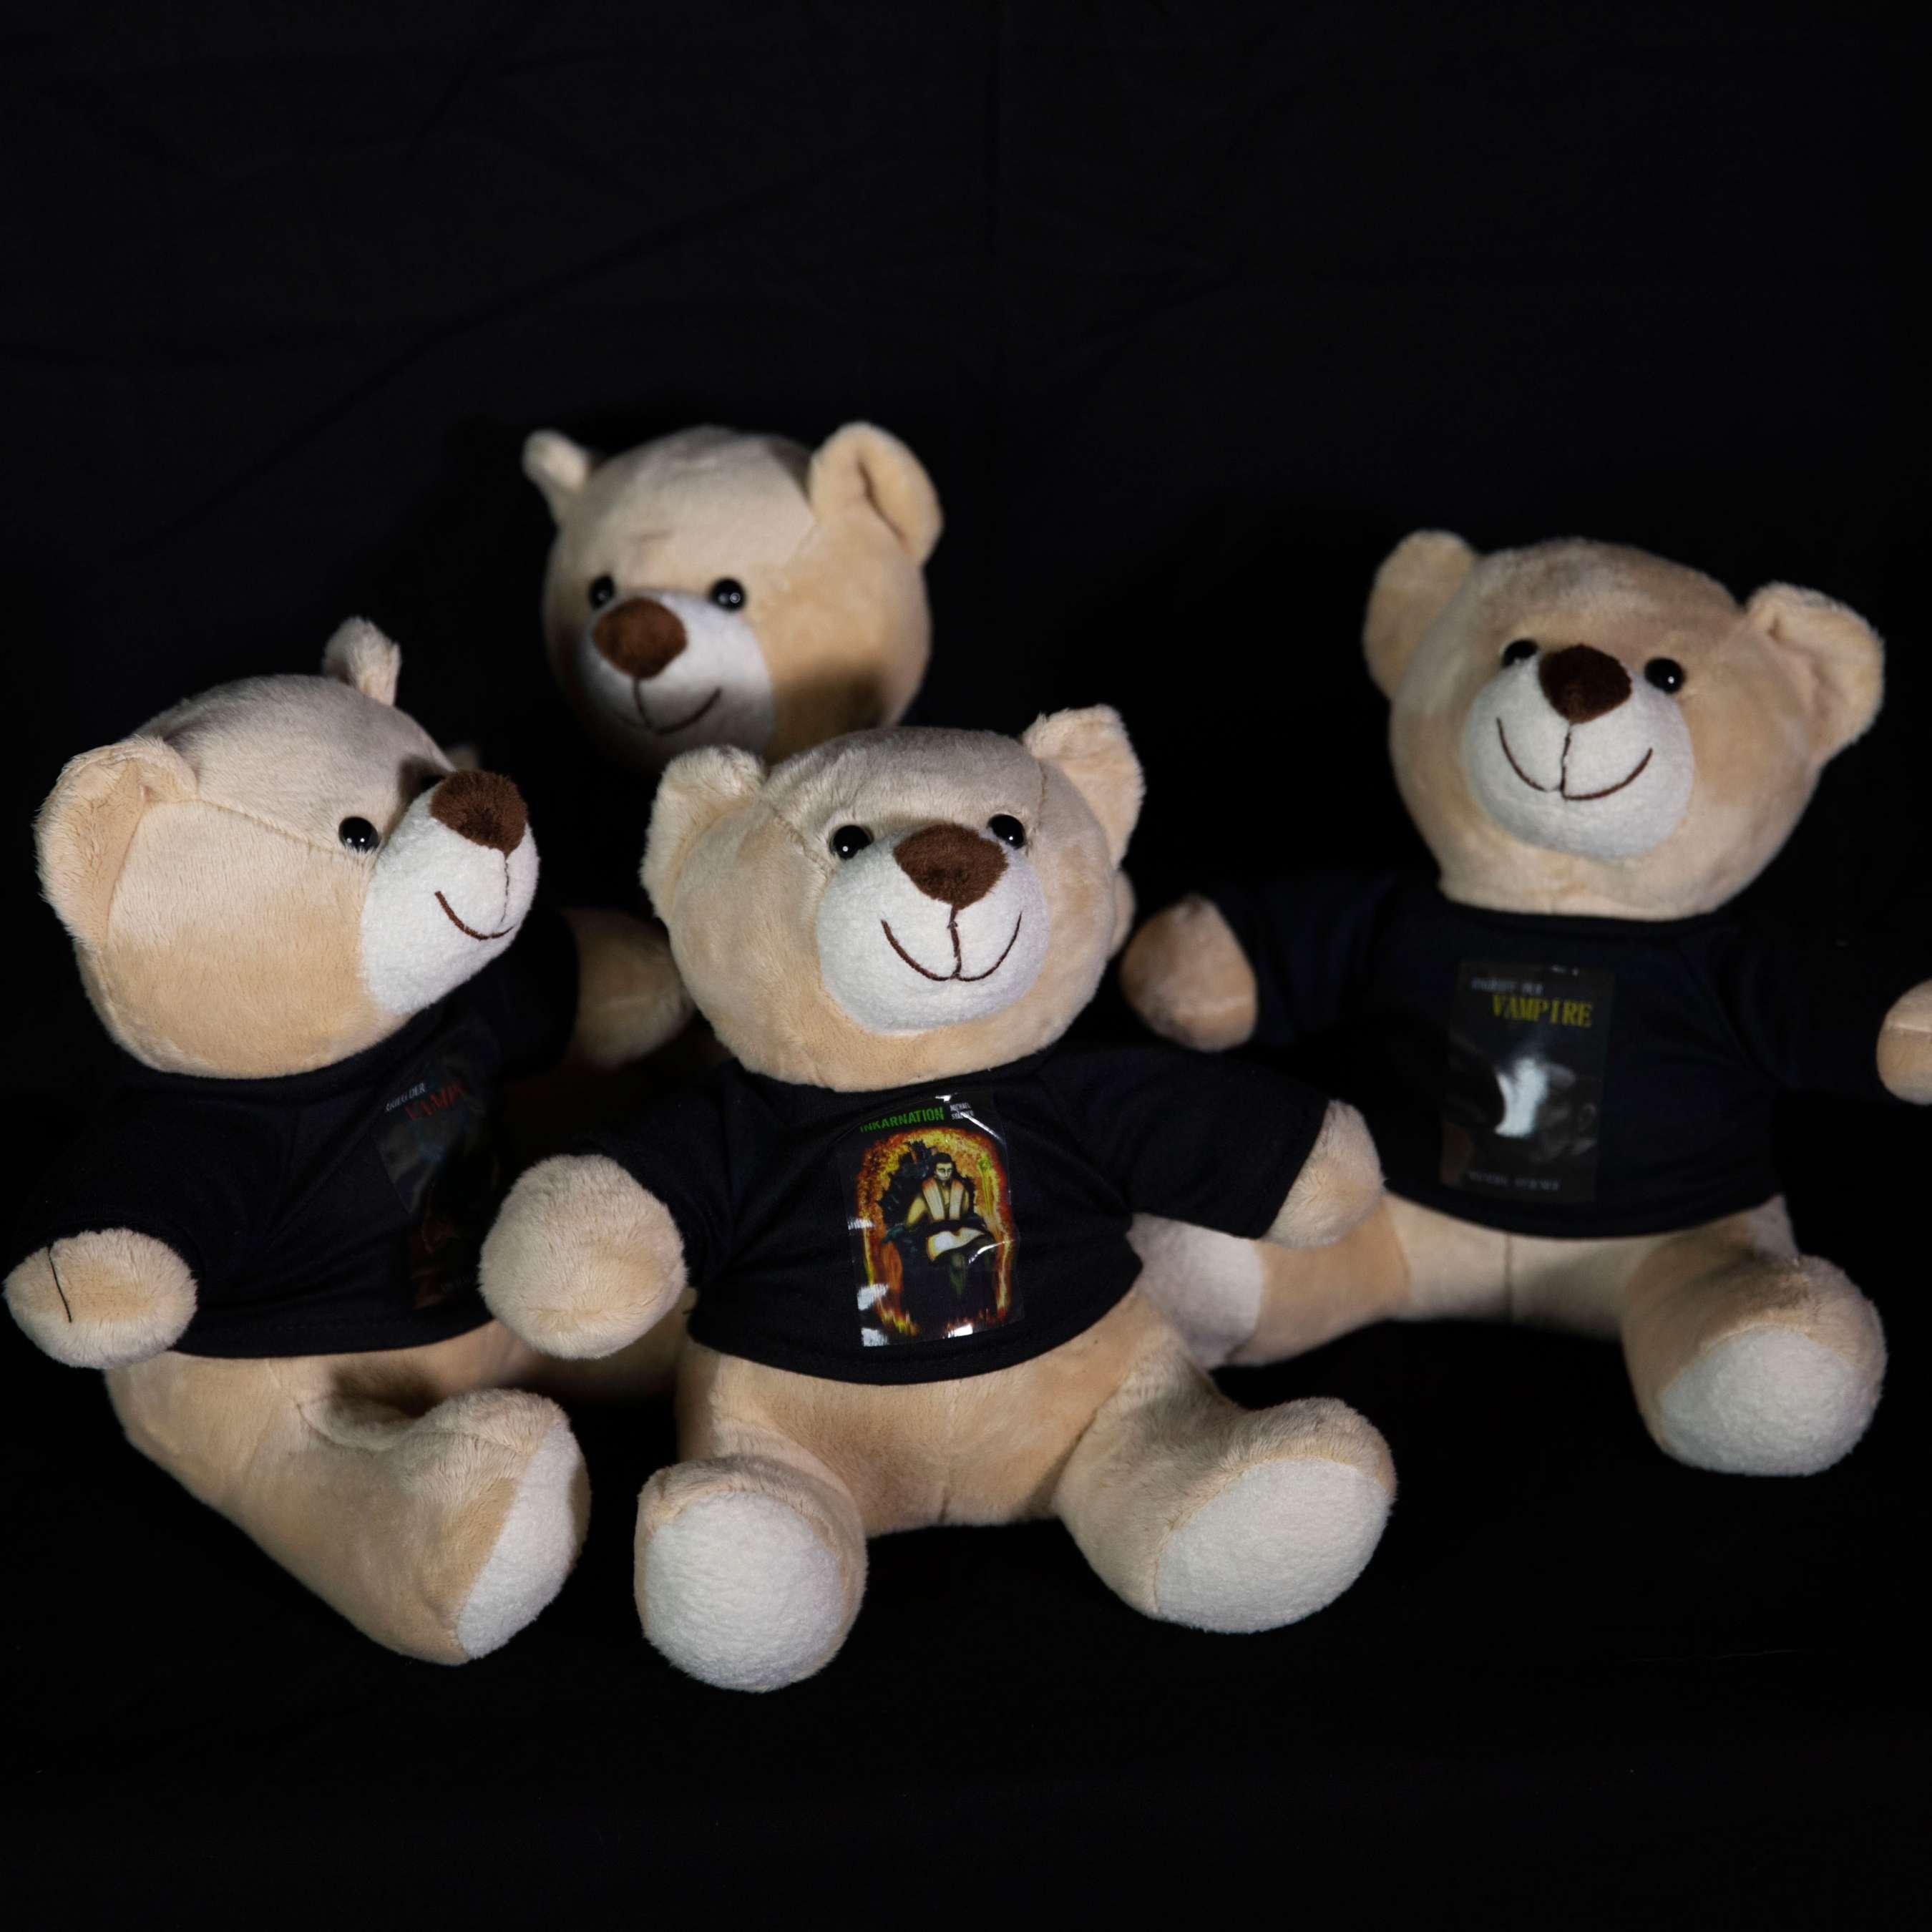 michael-stauner-merchandise-teddies.jpg